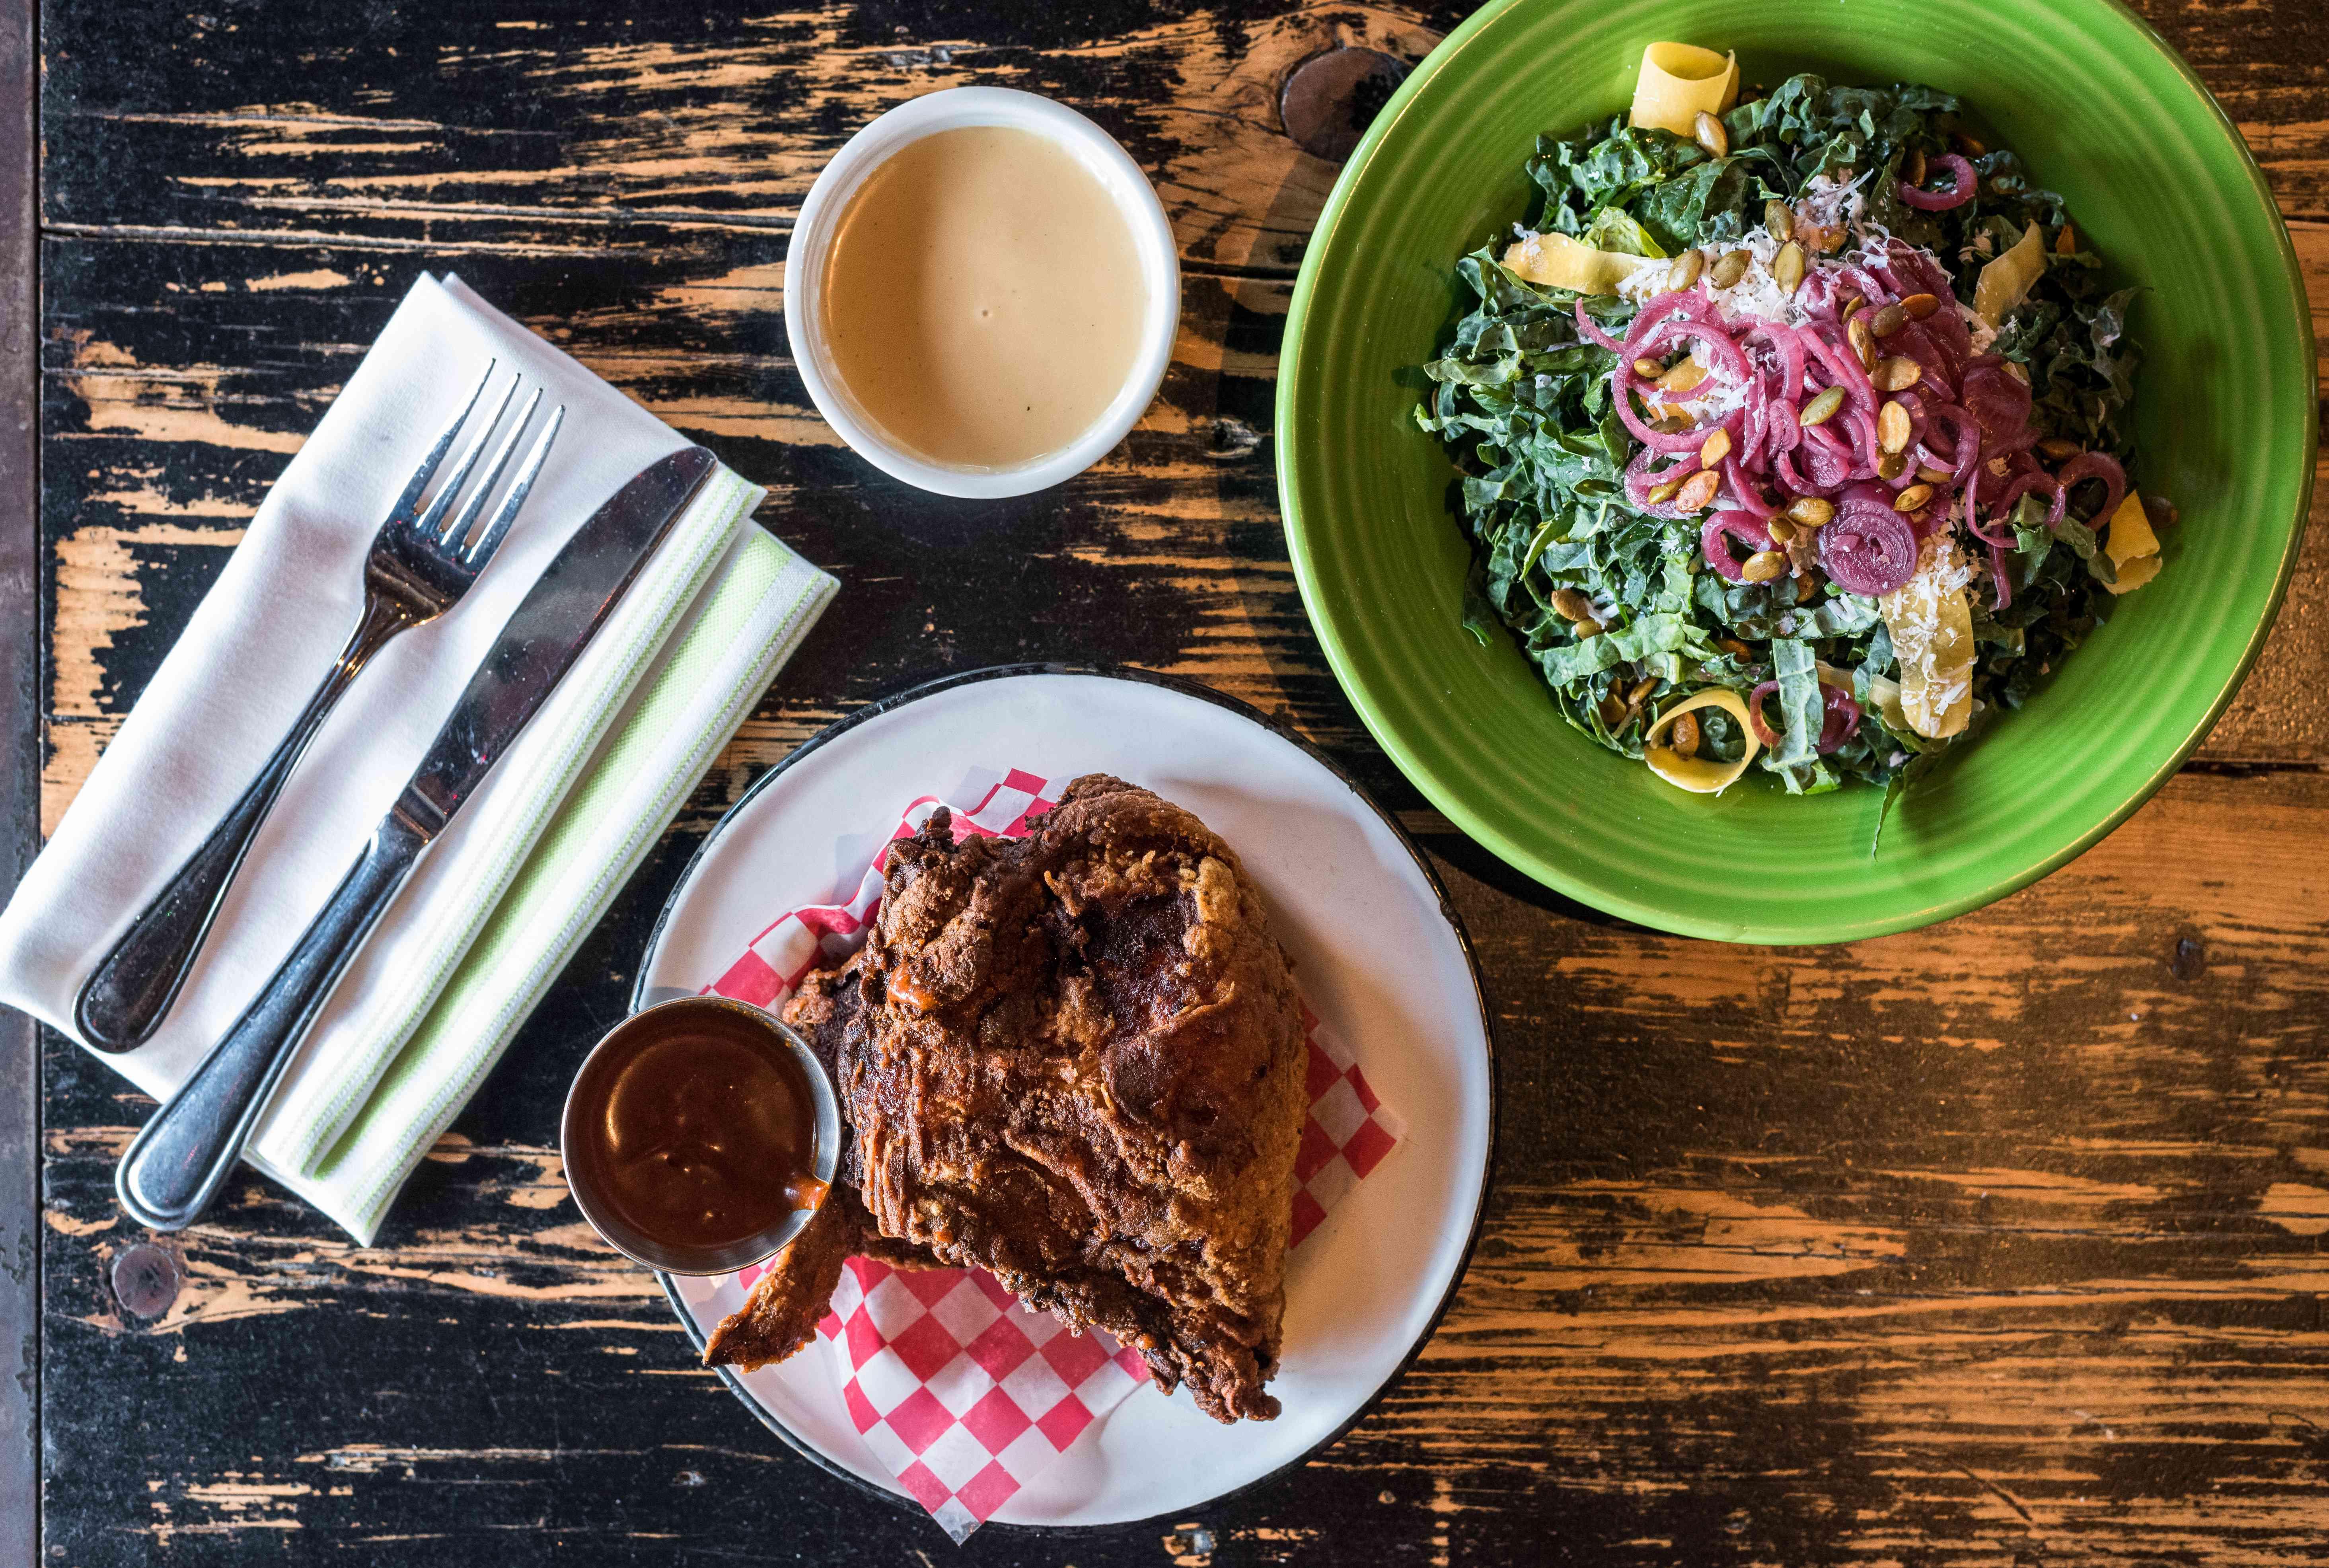 Plato de pollo frito y un plato de ensalada de Leon's Oyster SHop